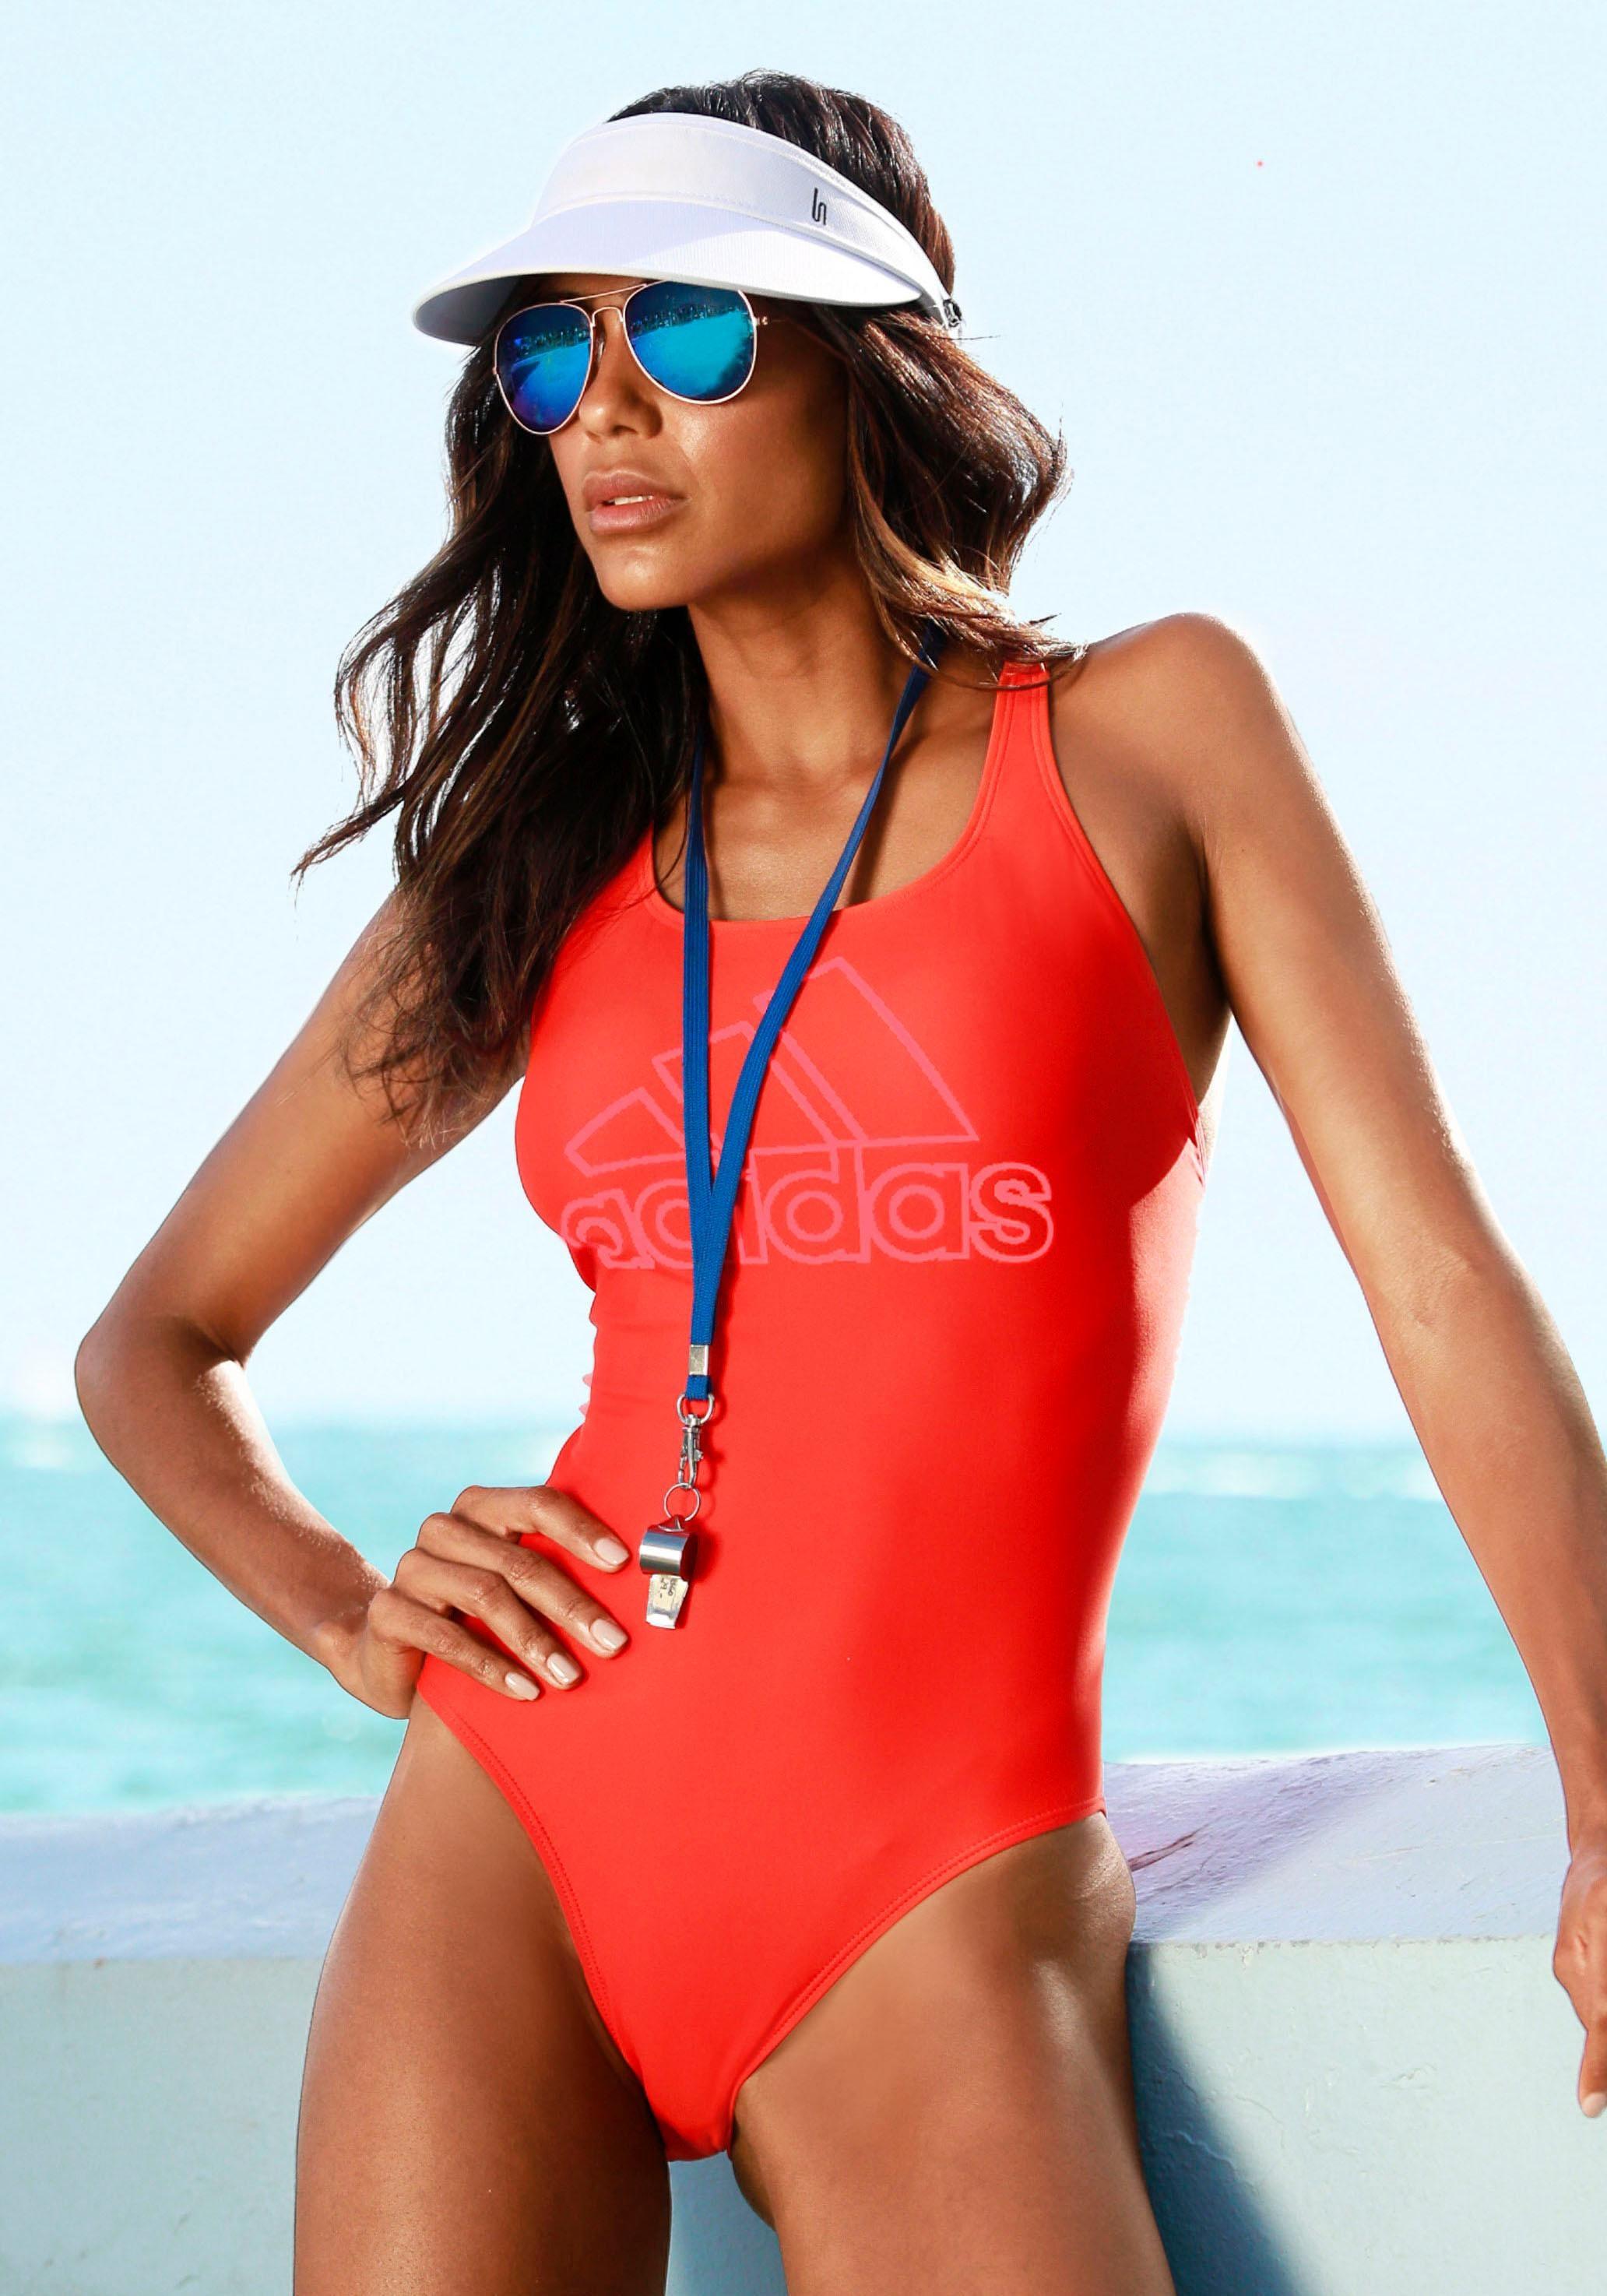 Adidas Badeanzug Preisvergleich . Die besten Angebote online